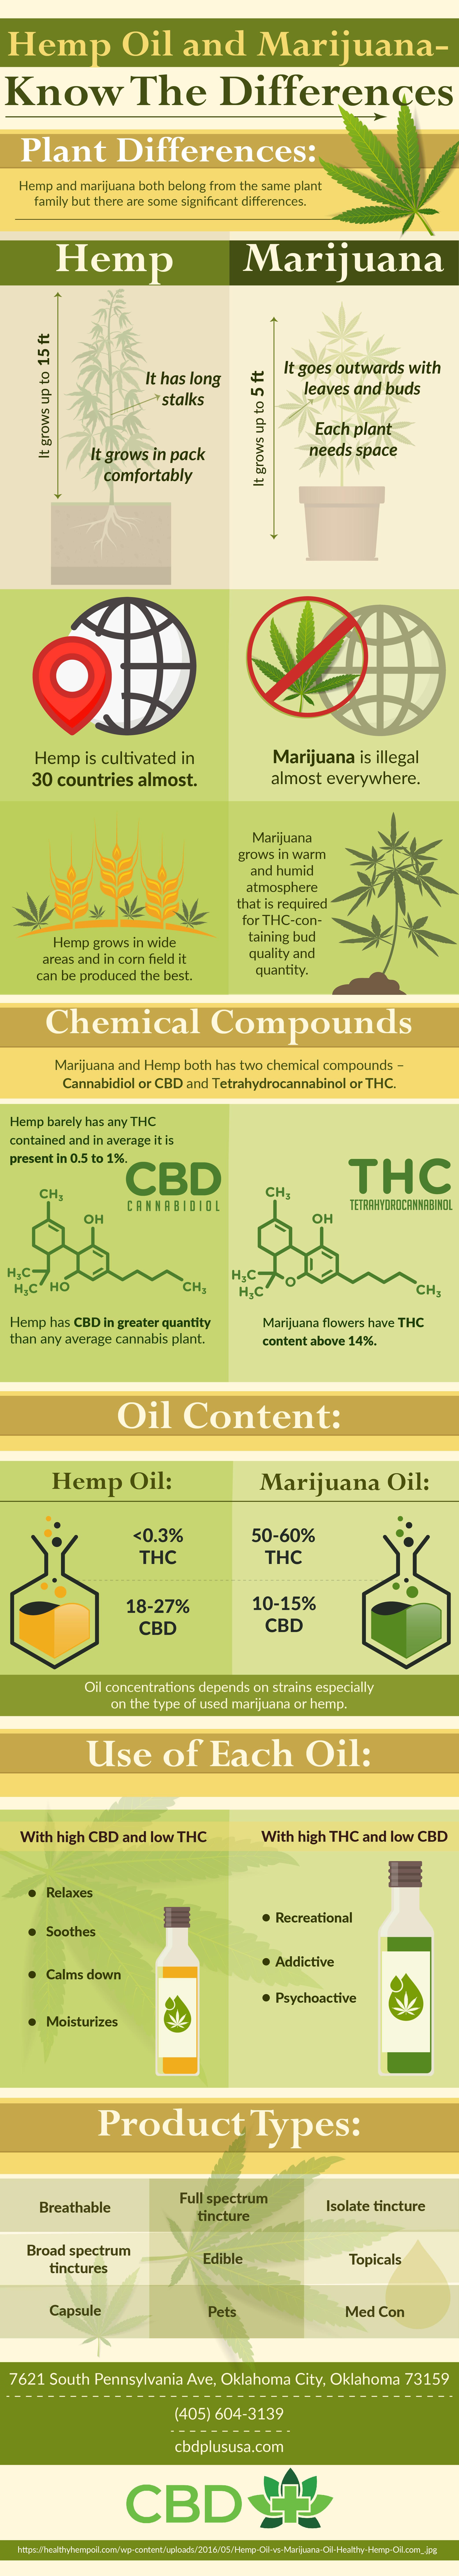 CBD_hemp oil for Pain.jpg